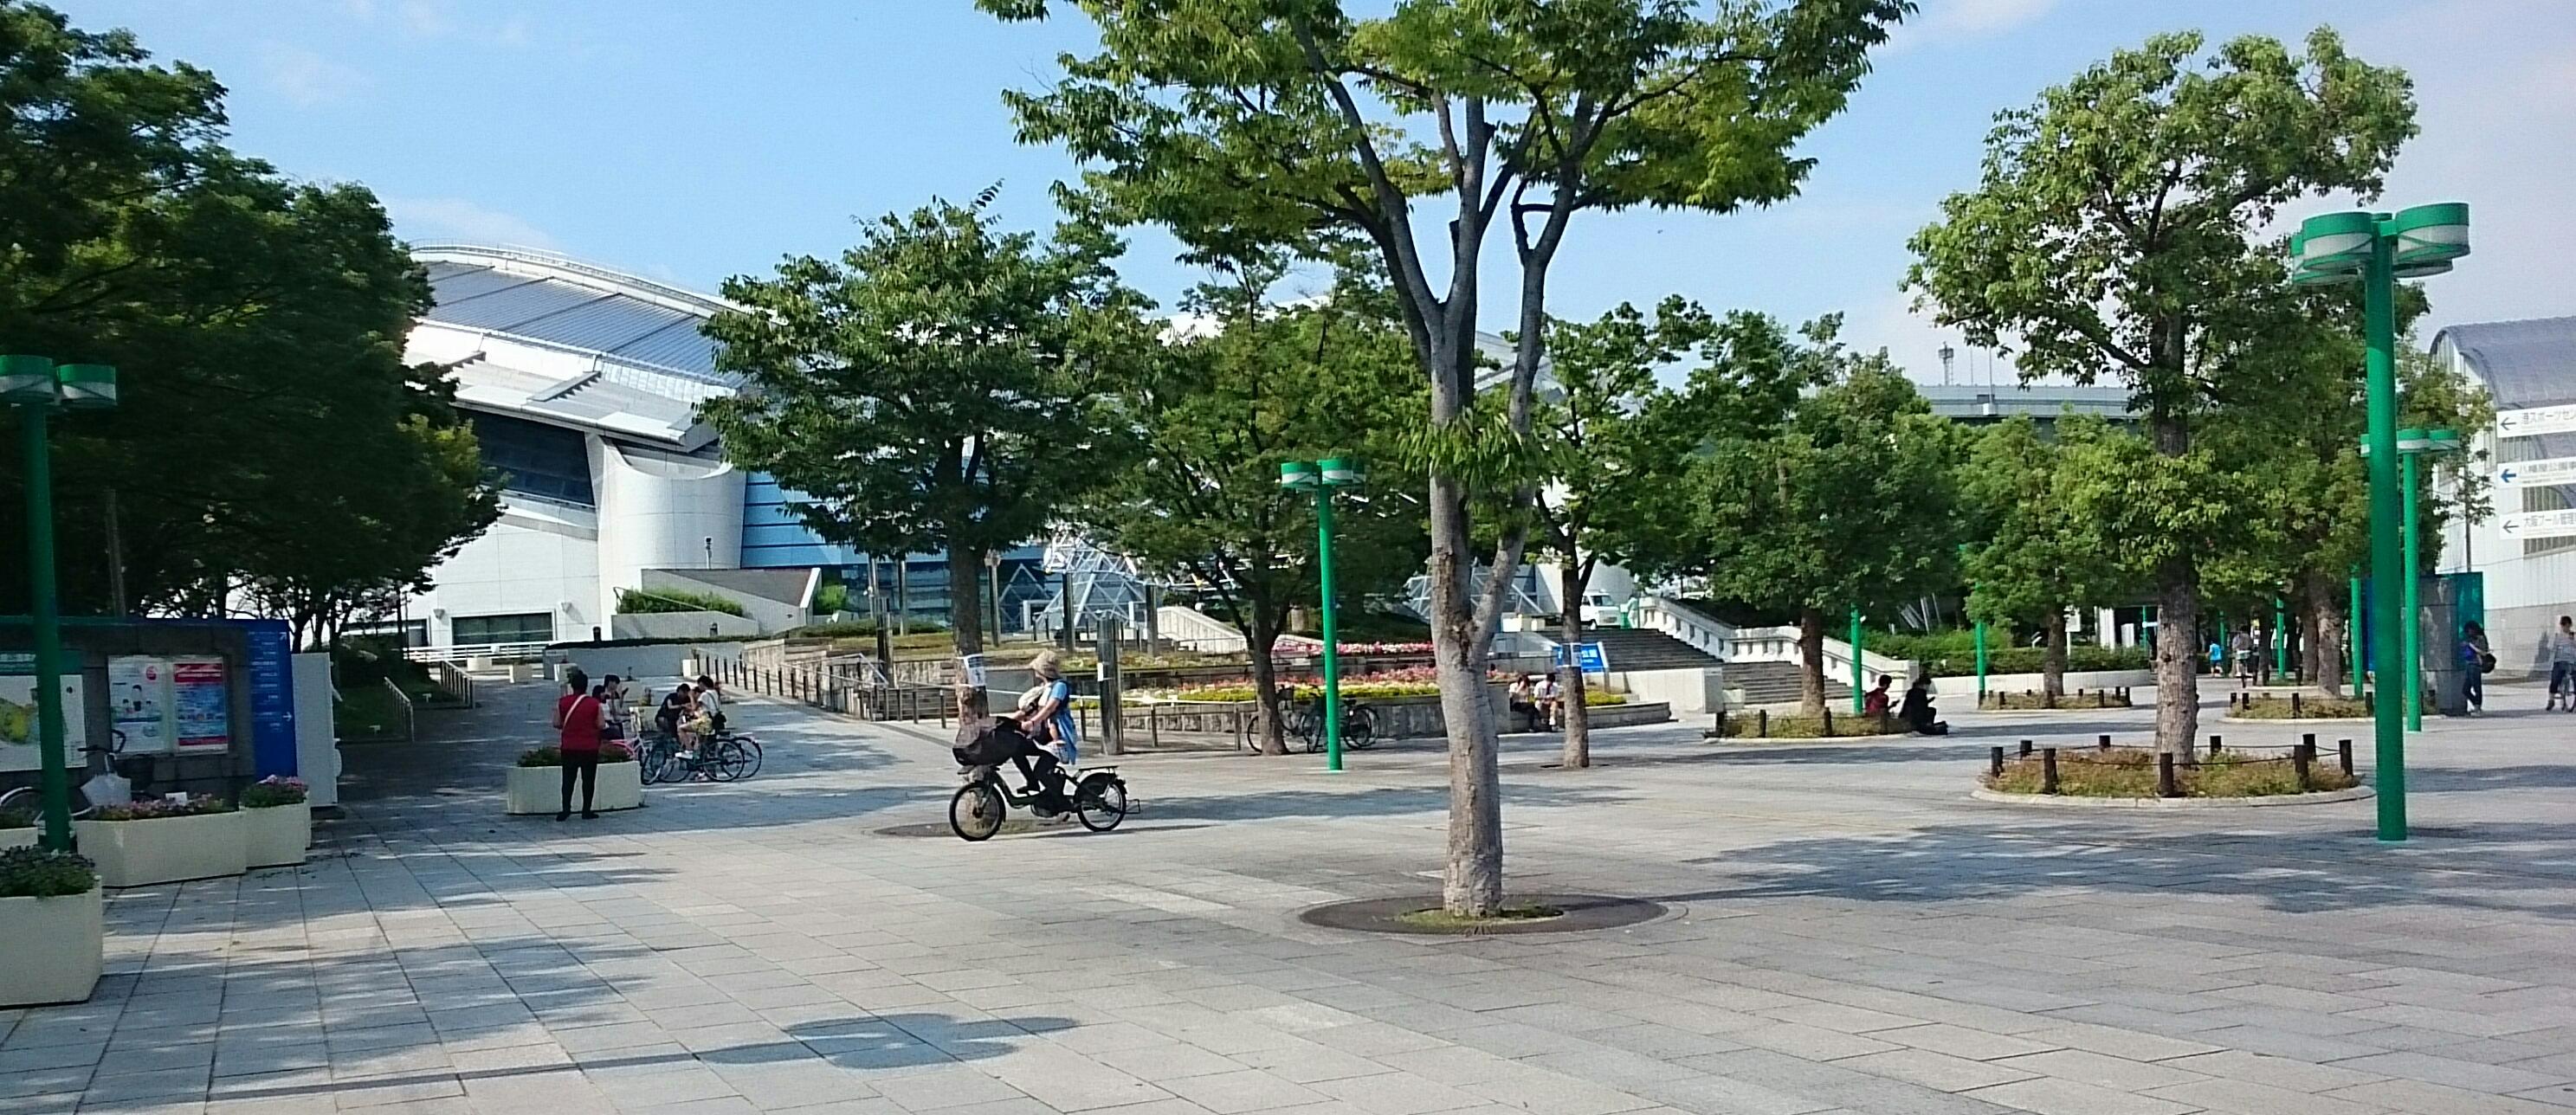 八幡屋公園でポケモンGO